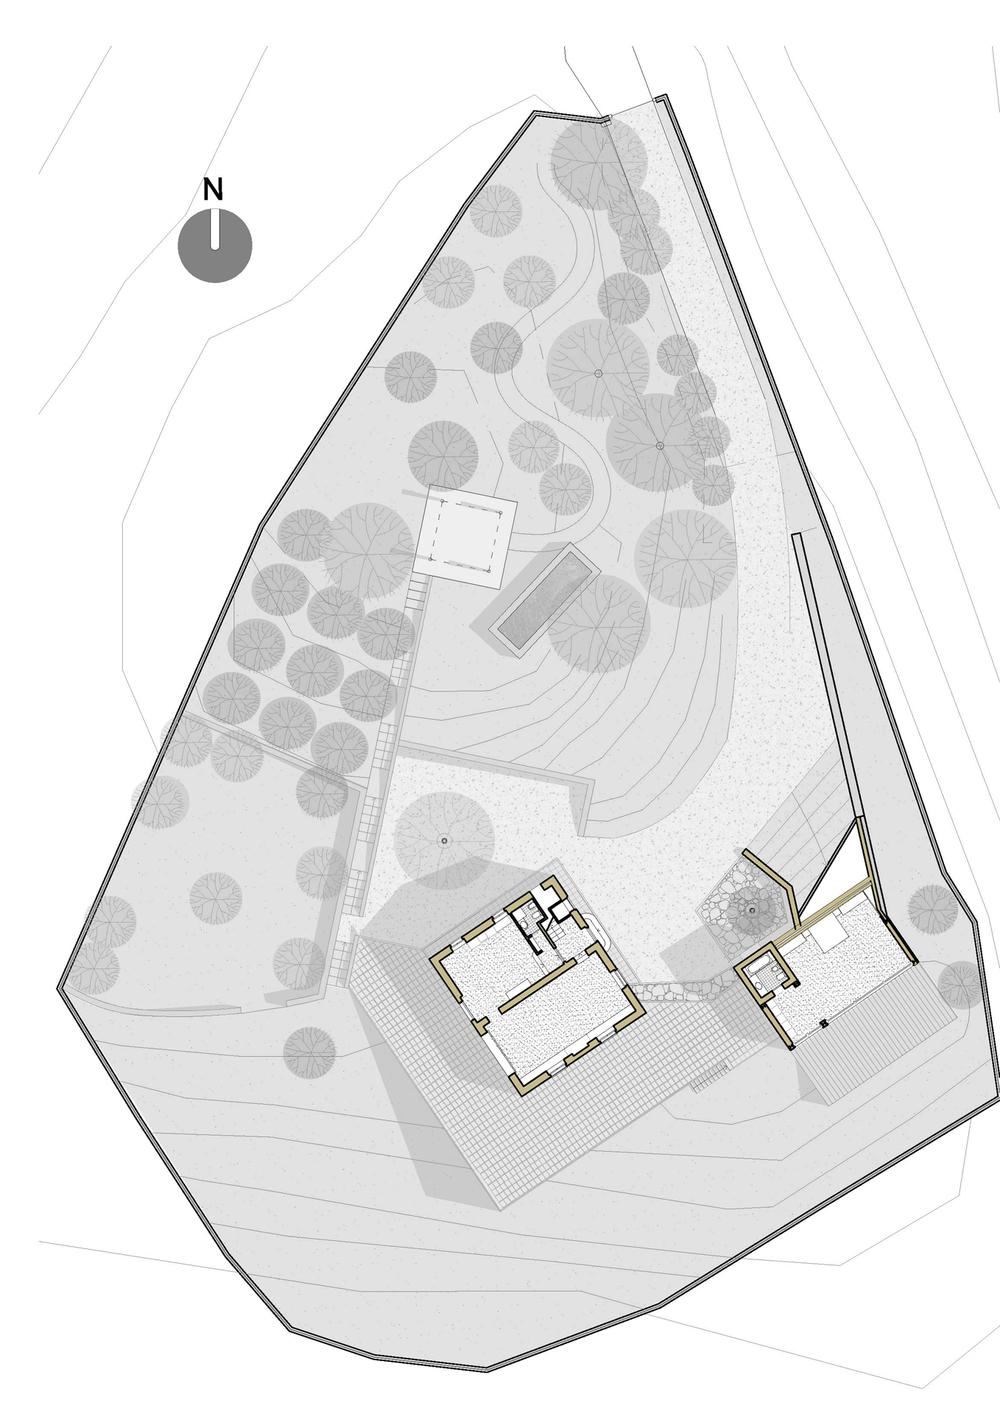 In costruzione - Casa eco sostenibile pianta.jpg